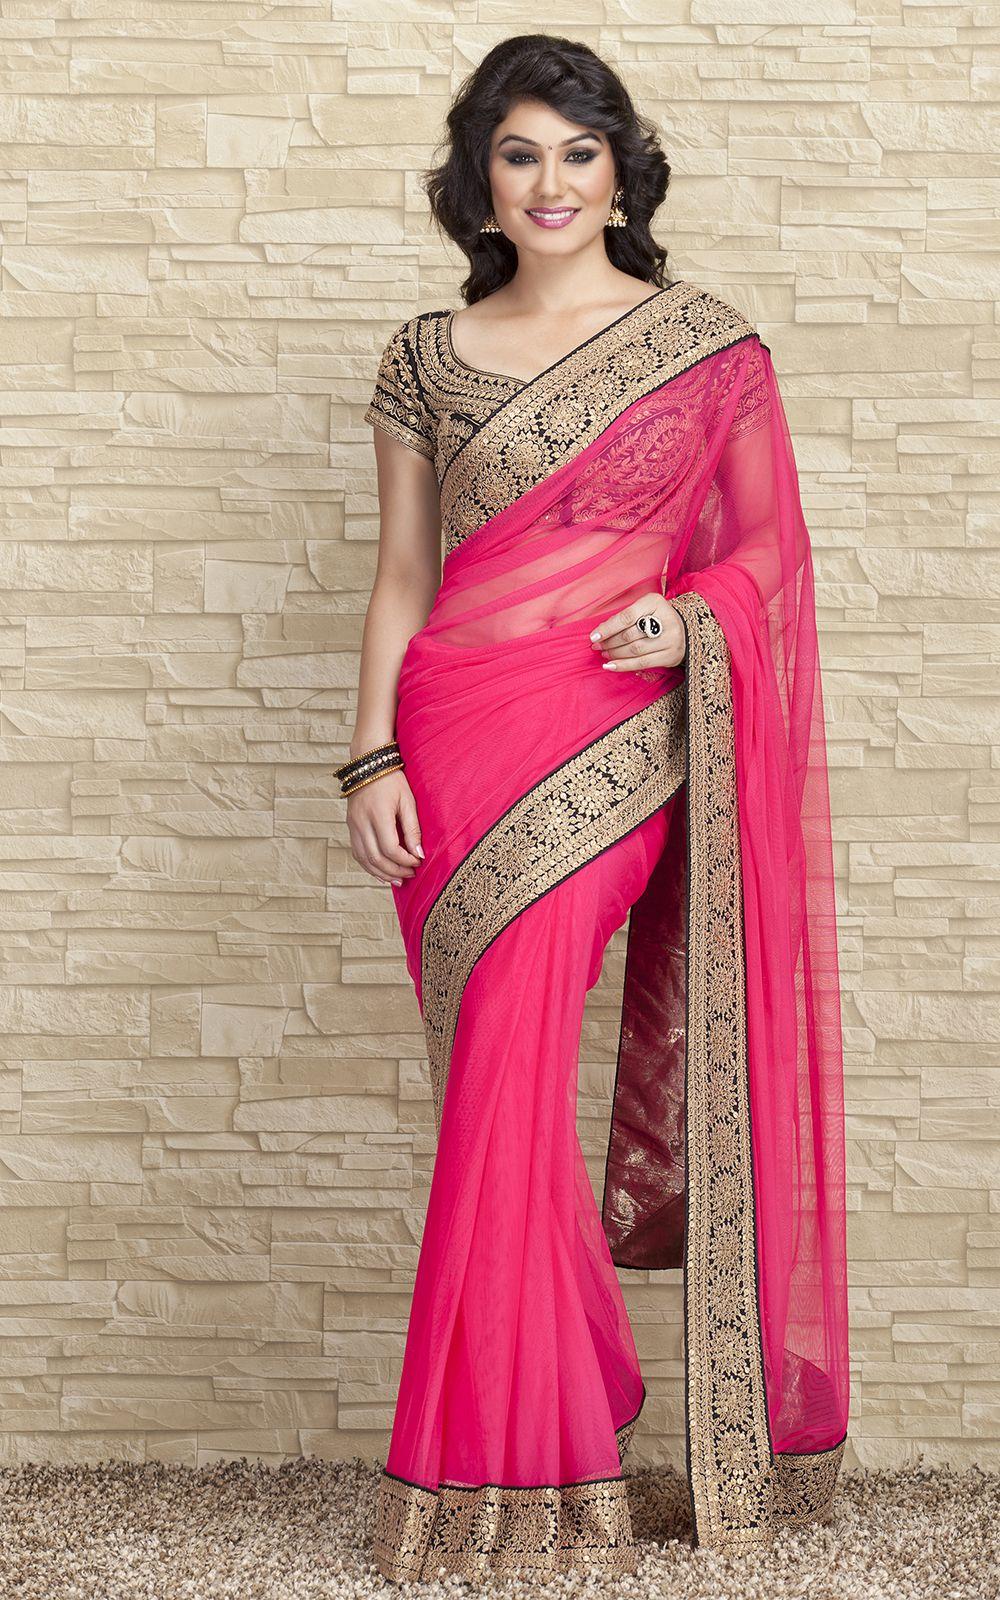 Traditional Asian Attire | Vestidos hindues, Mujer mujer y Vestido ...